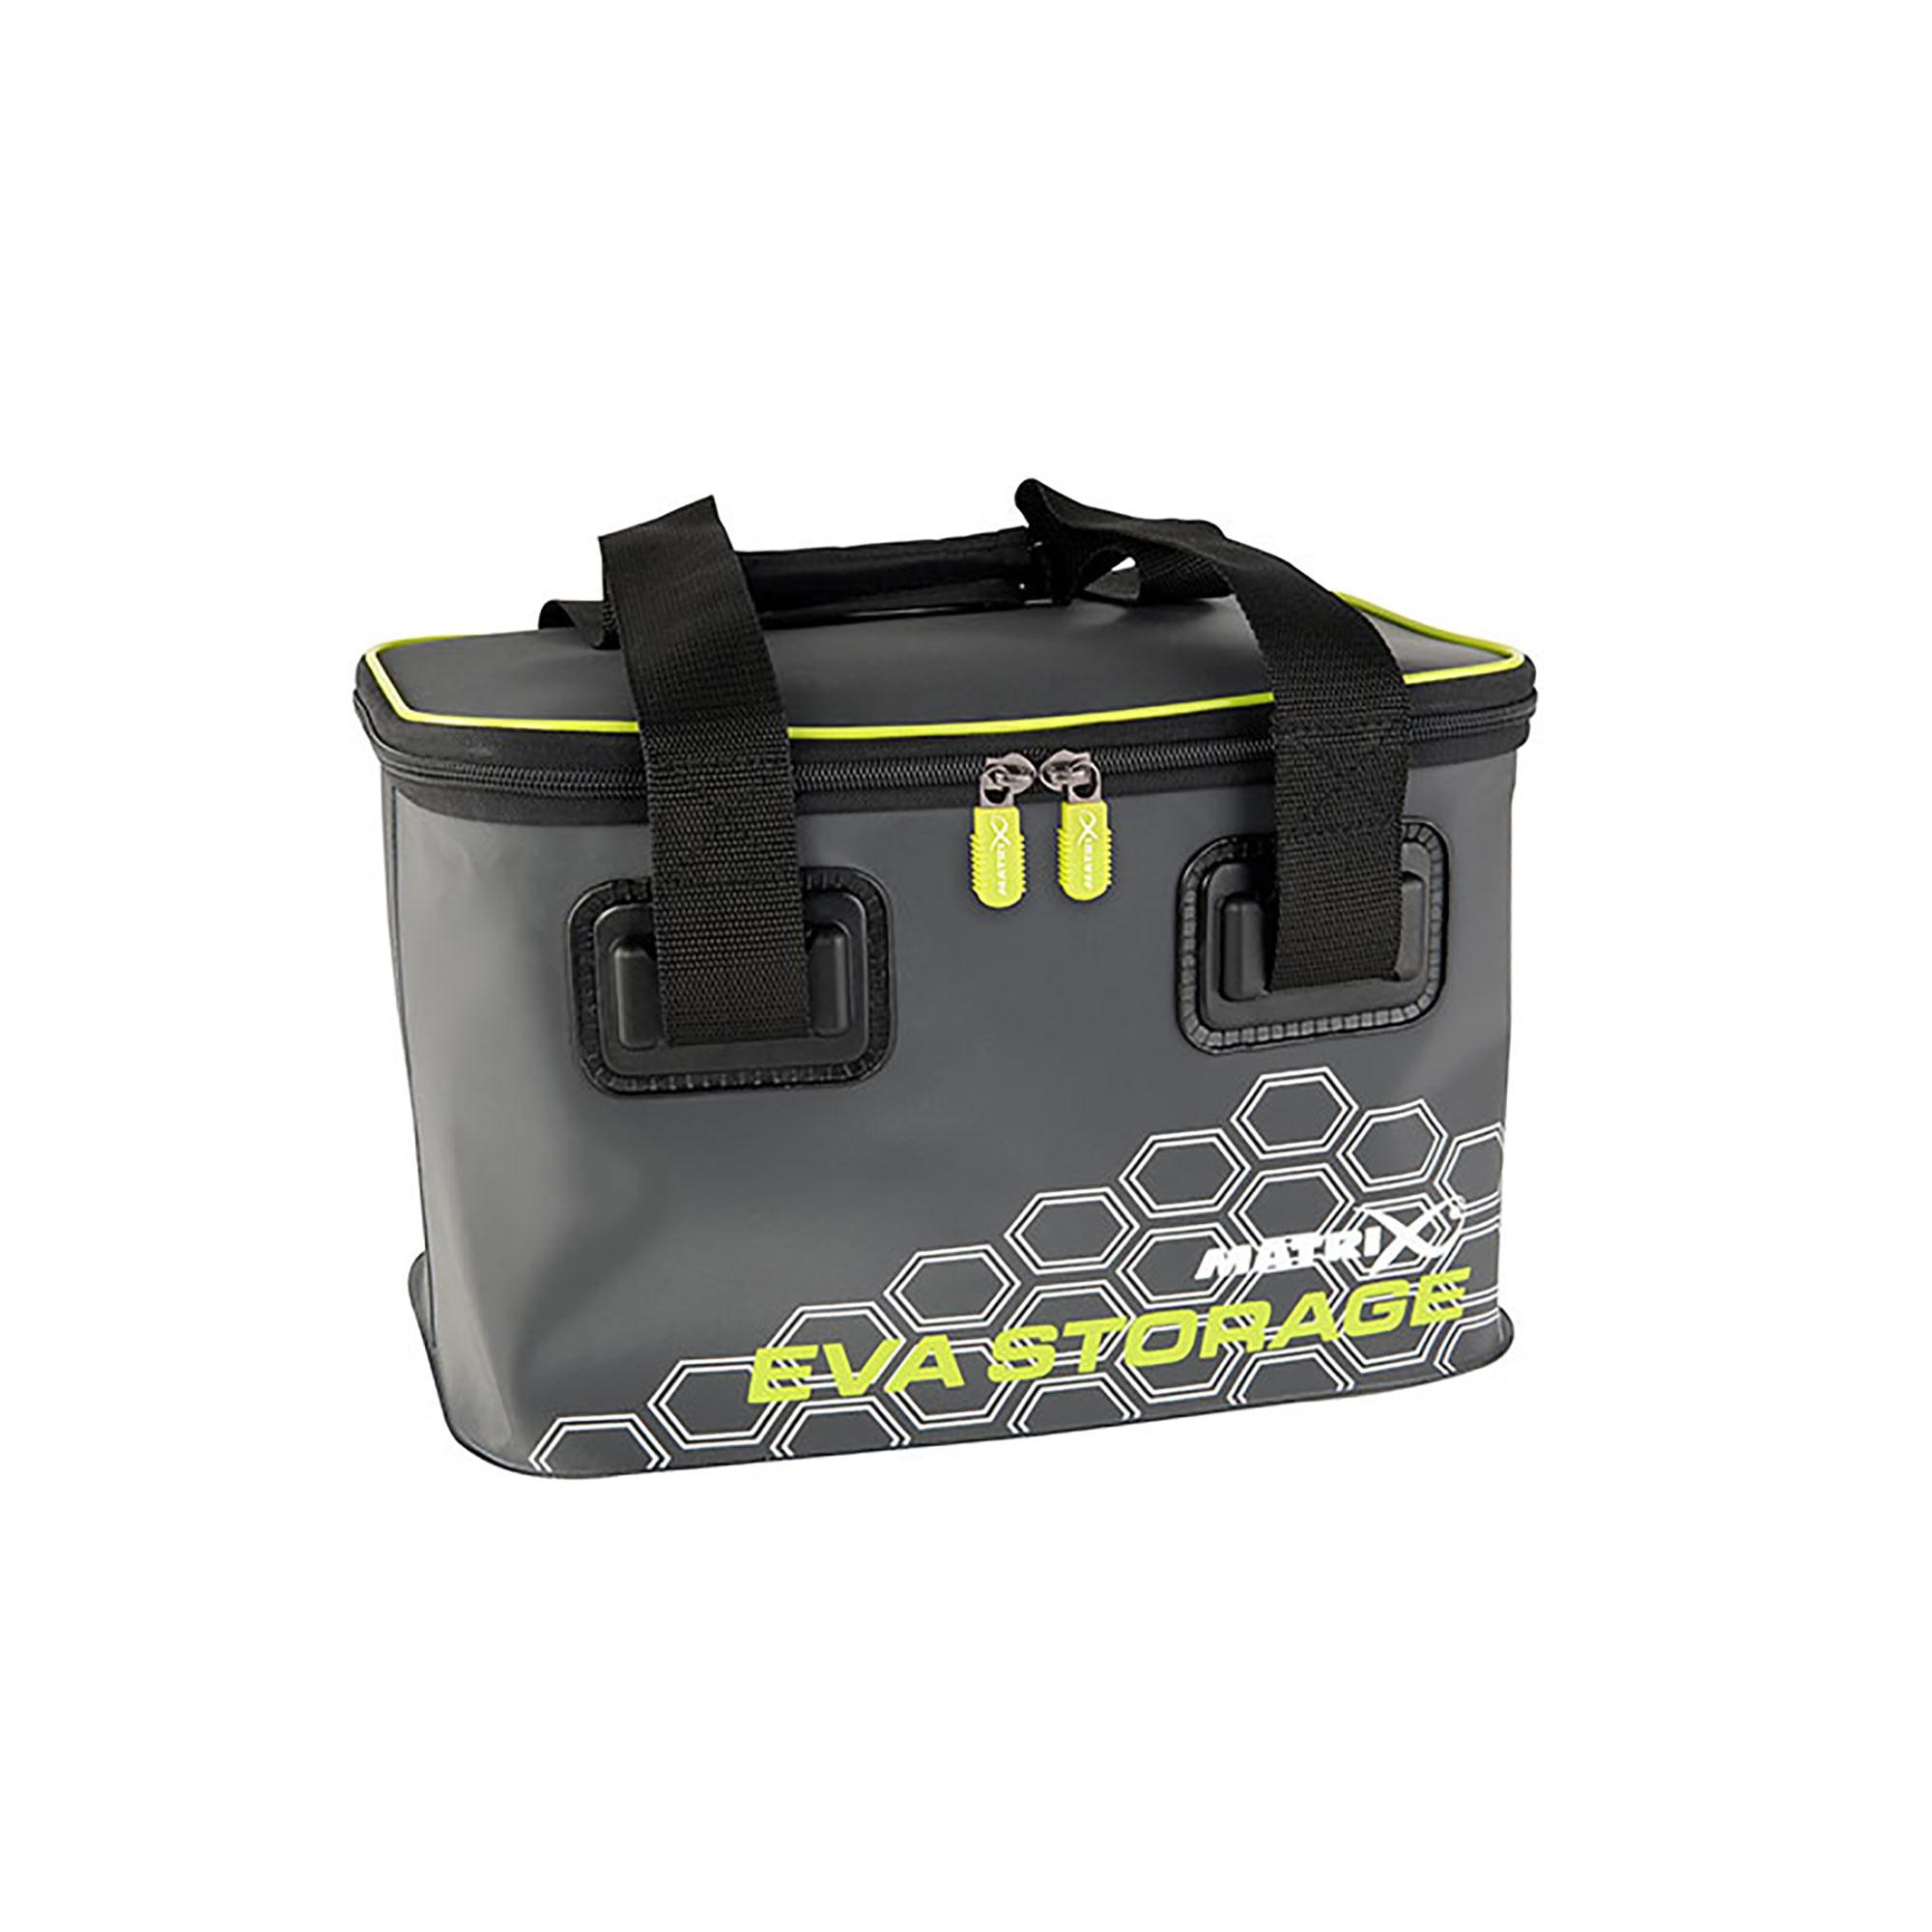 Borsa EVA Storage Bag - MATRIX (35x24x22 cm)